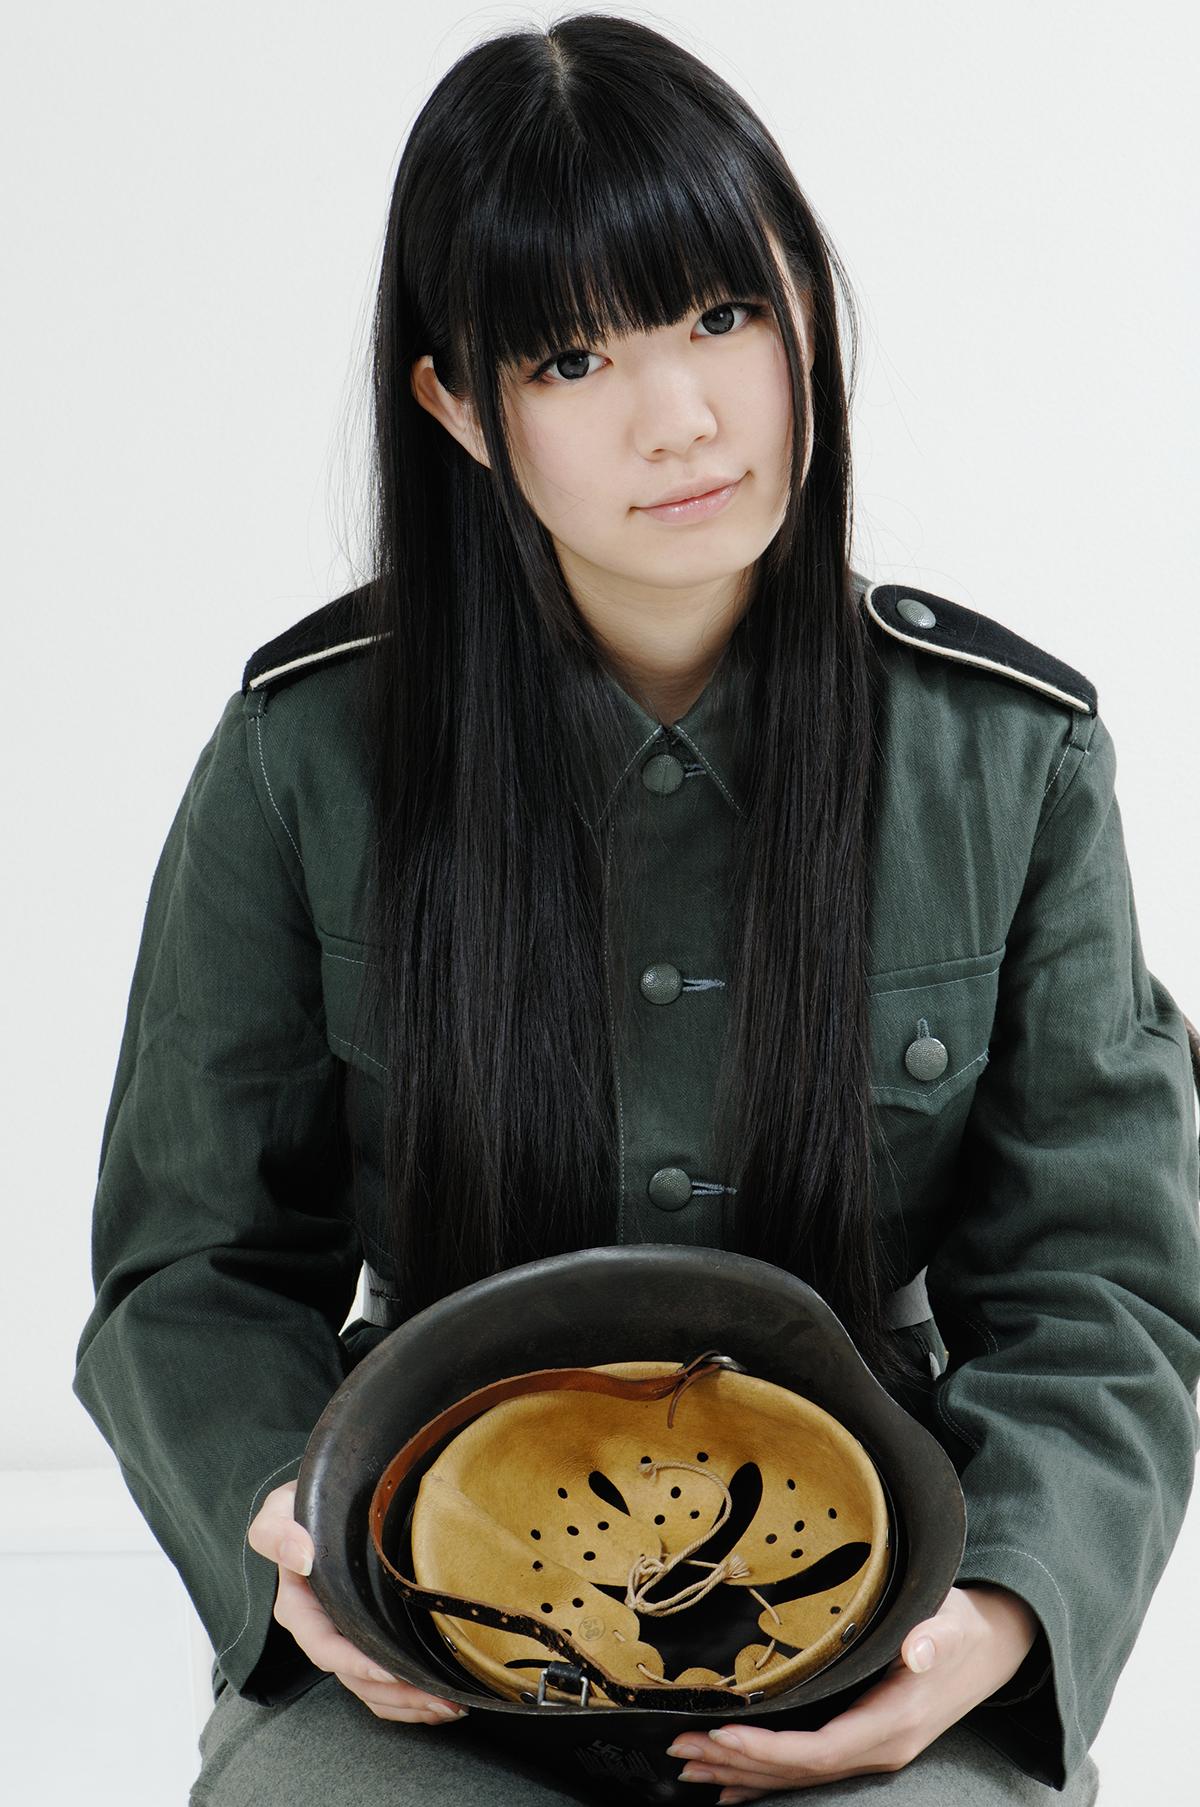 M42型ヘルメット/シェル実物